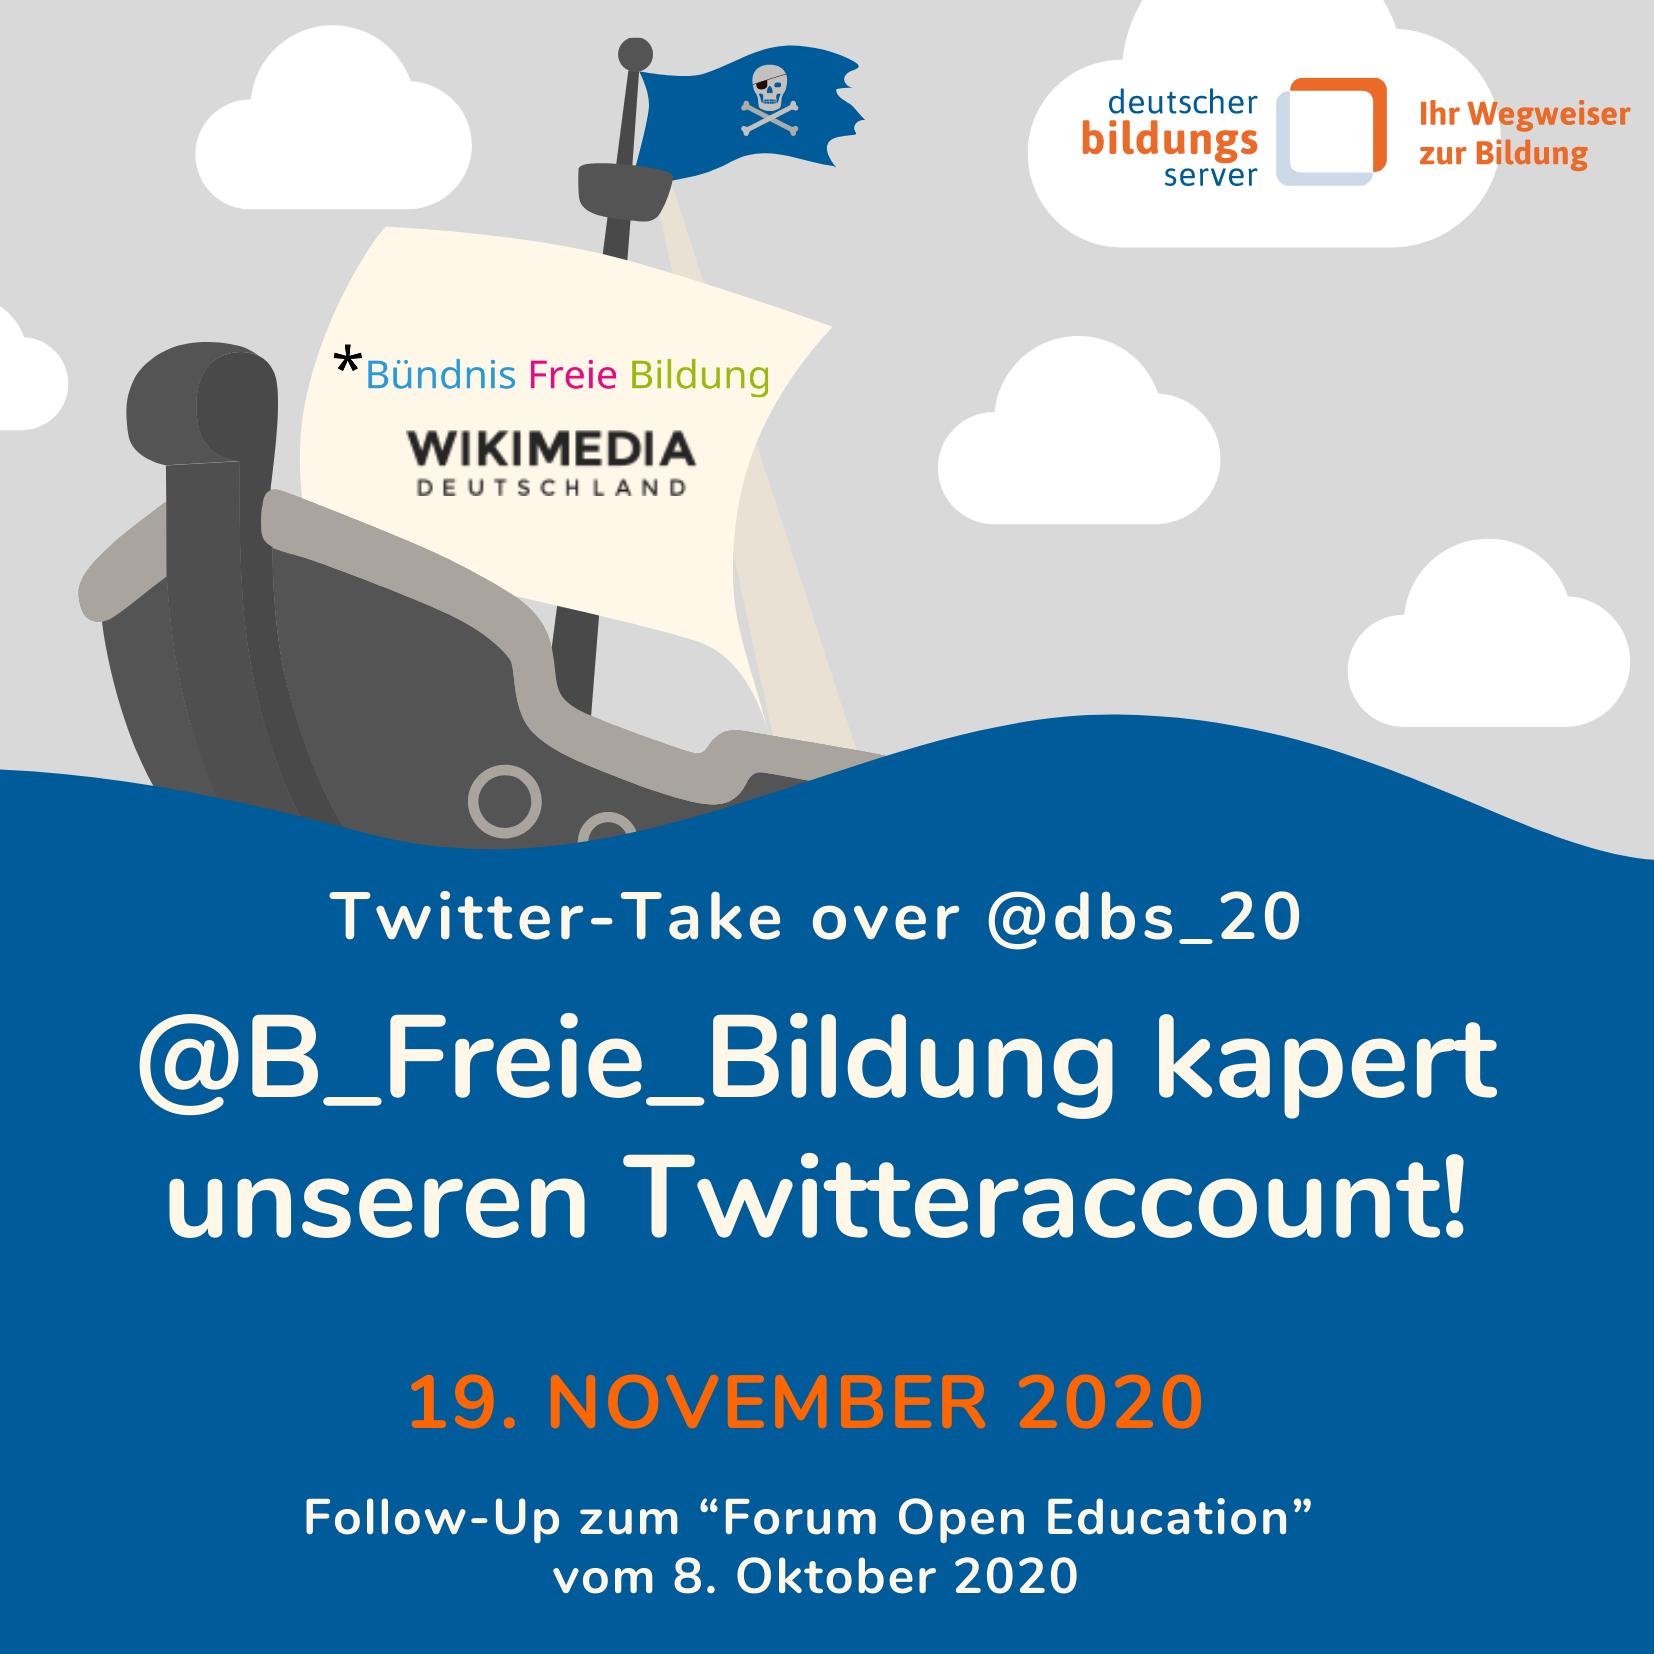 Sharepic zur Gastmoderation des DBS-Twitter-Accounts durch das Bündnis freie Bildung am 19. November